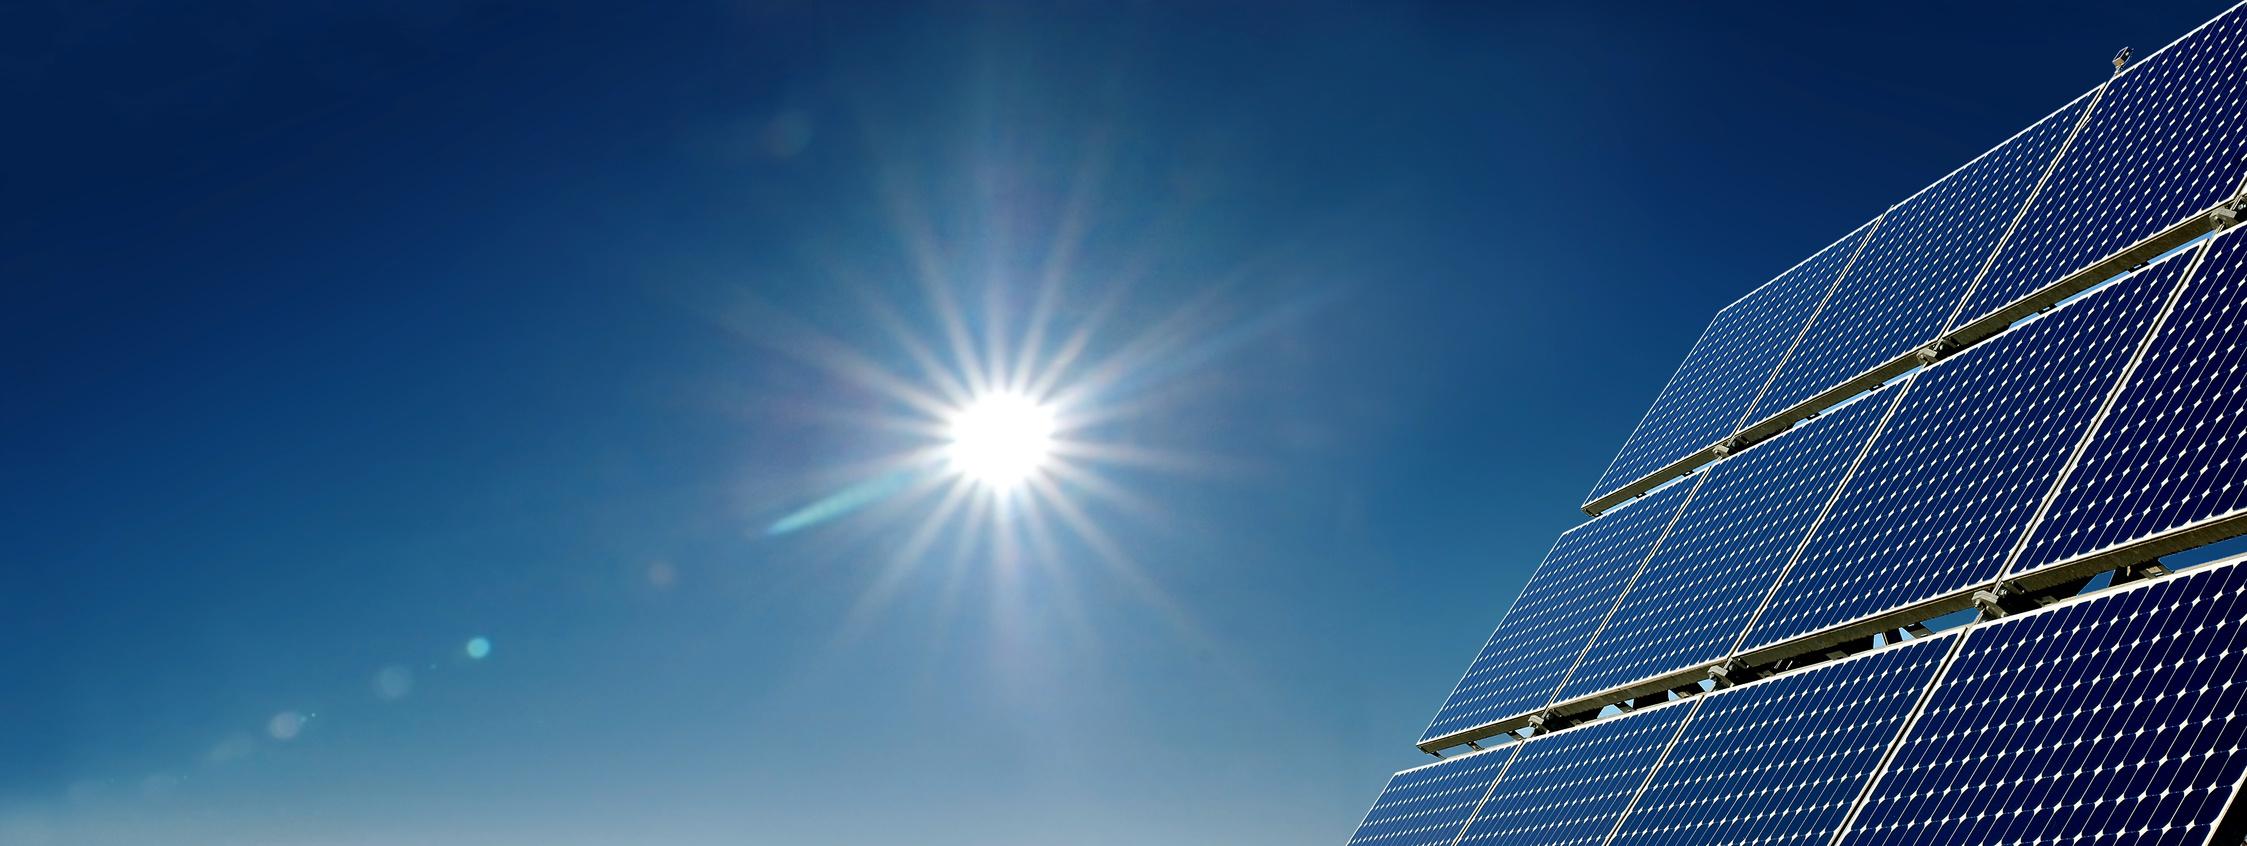 Sonnenenergie 2